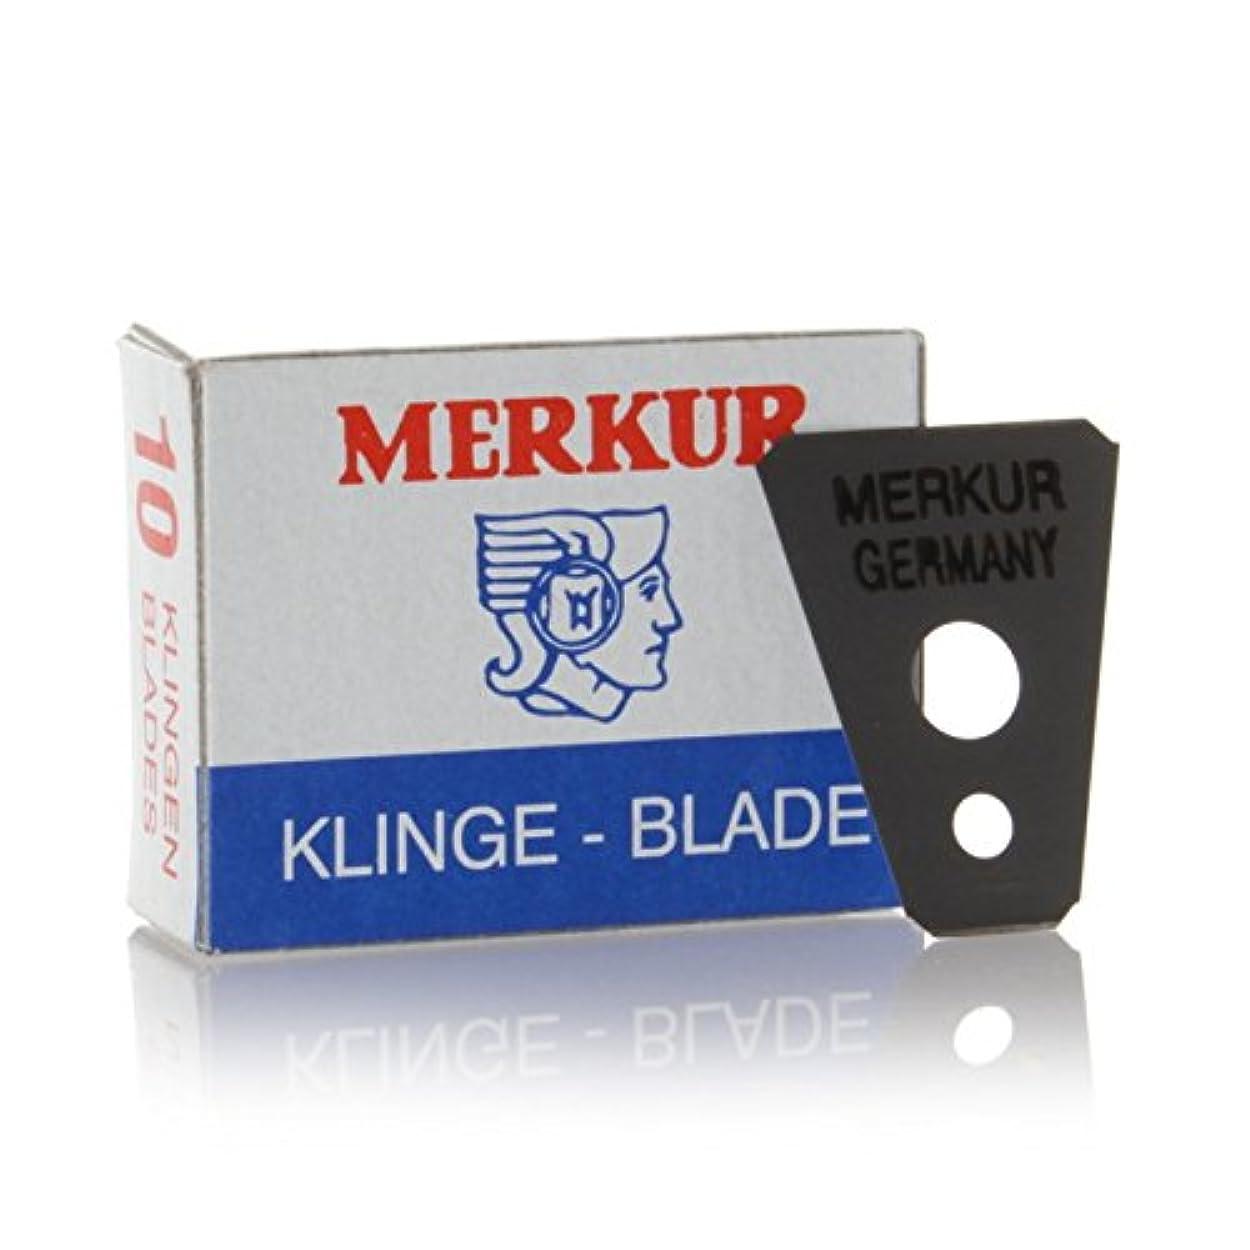 兄進化する不和MERKUR Solingen - Razor blades for moustache shaver, 10 pieces, 90908100